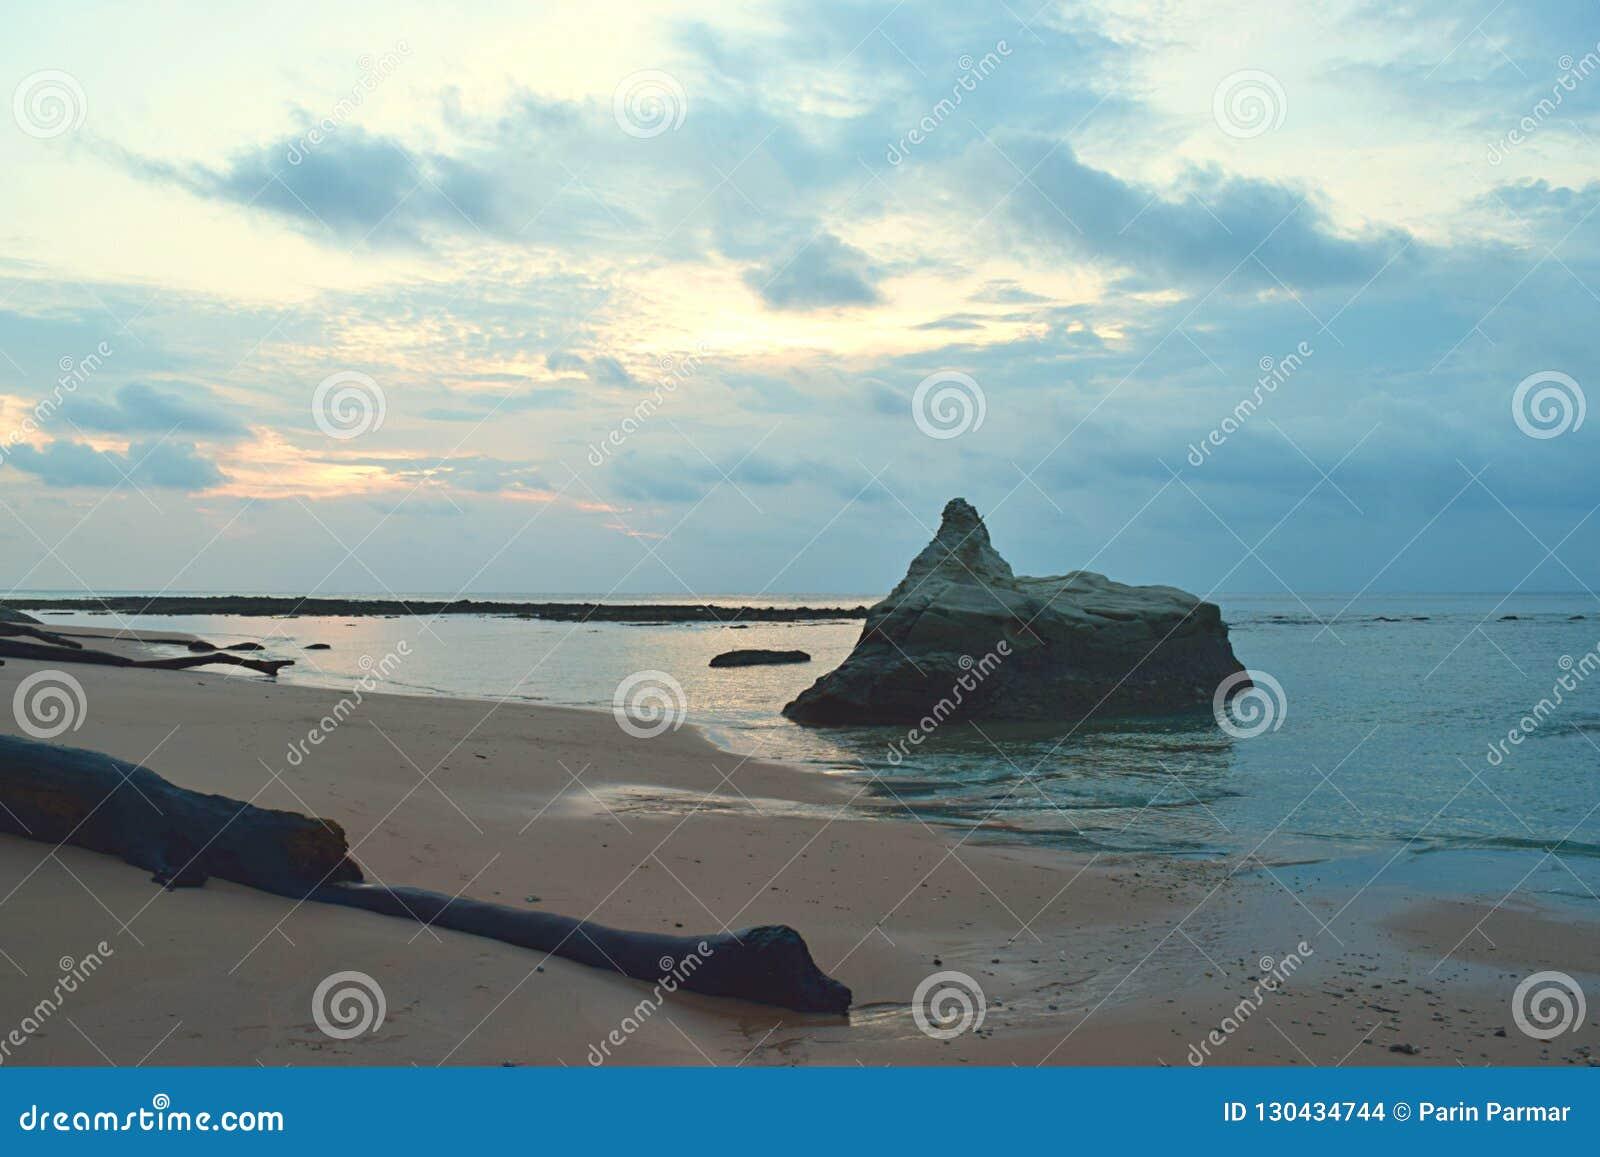 Wielki kamień w Spokojnych wodach morskich przy Nieskazitelną Piaskowatą plażą z kolorami w ranku Chmurnym niebie - Sitapur, Neil